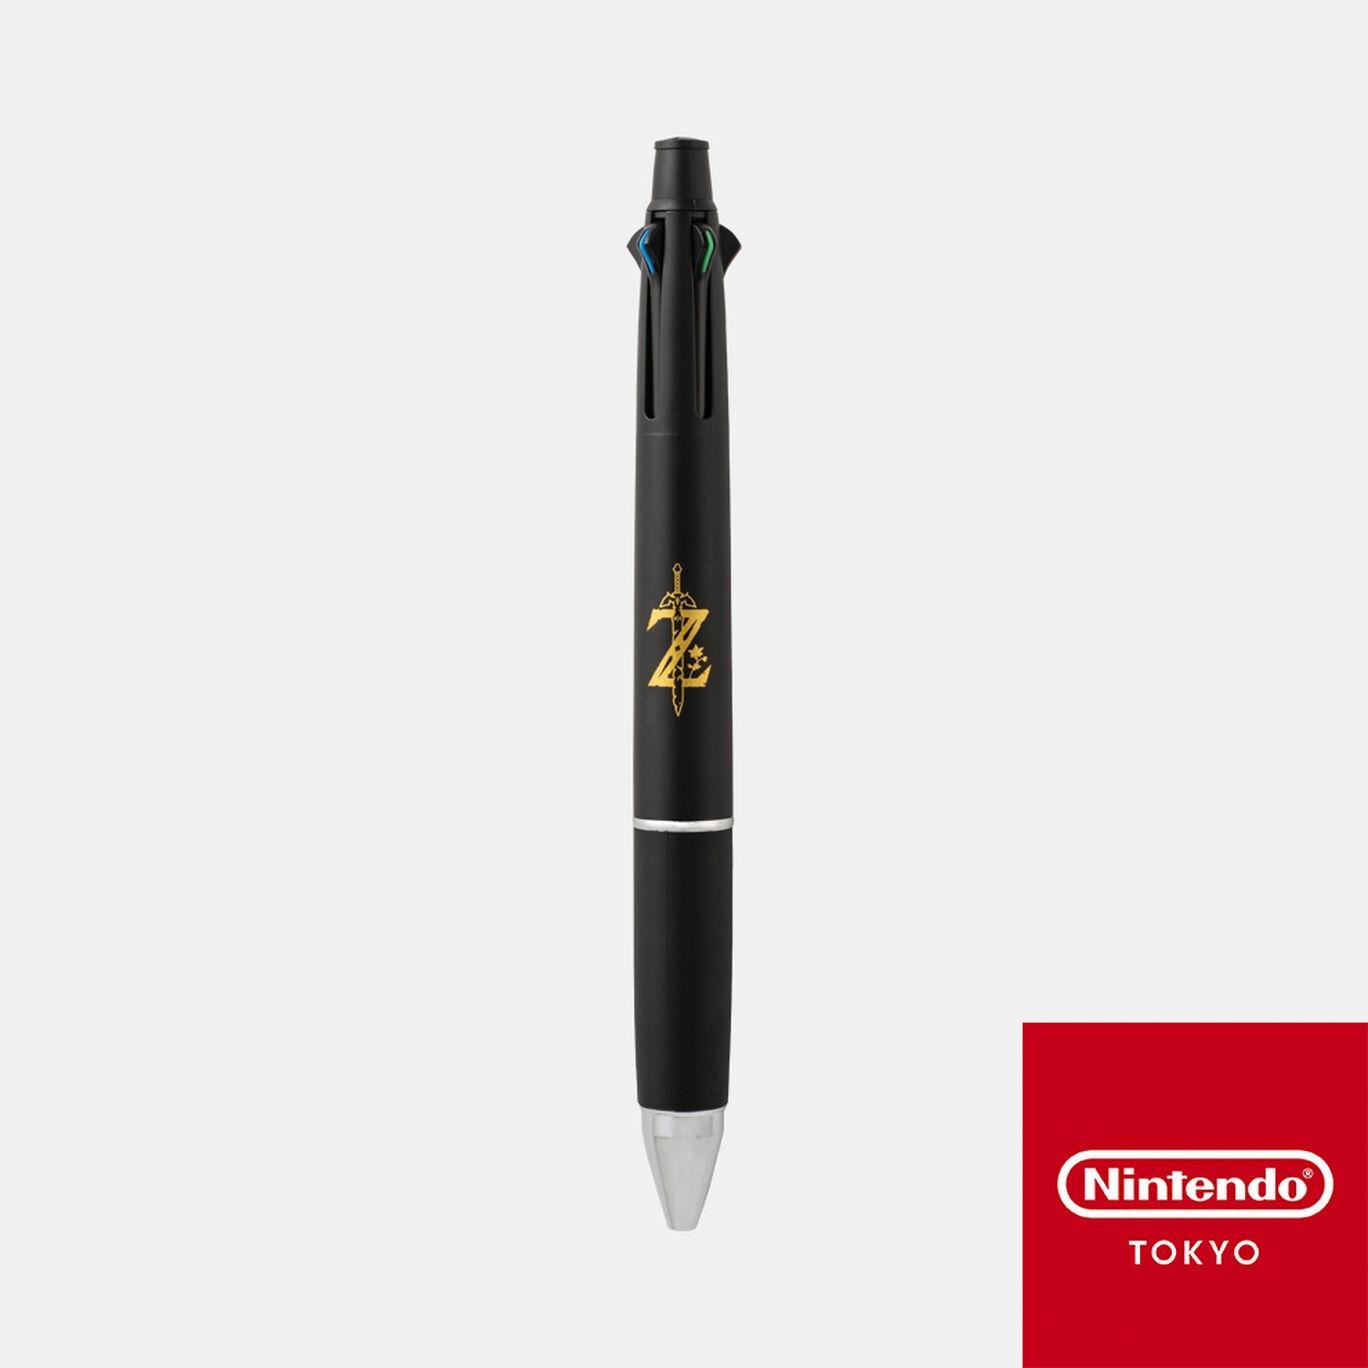 ジェットストリーム 多機能ペン 4&1 ゼルダの伝説【Nintendo TOKYO取り扱い商品】